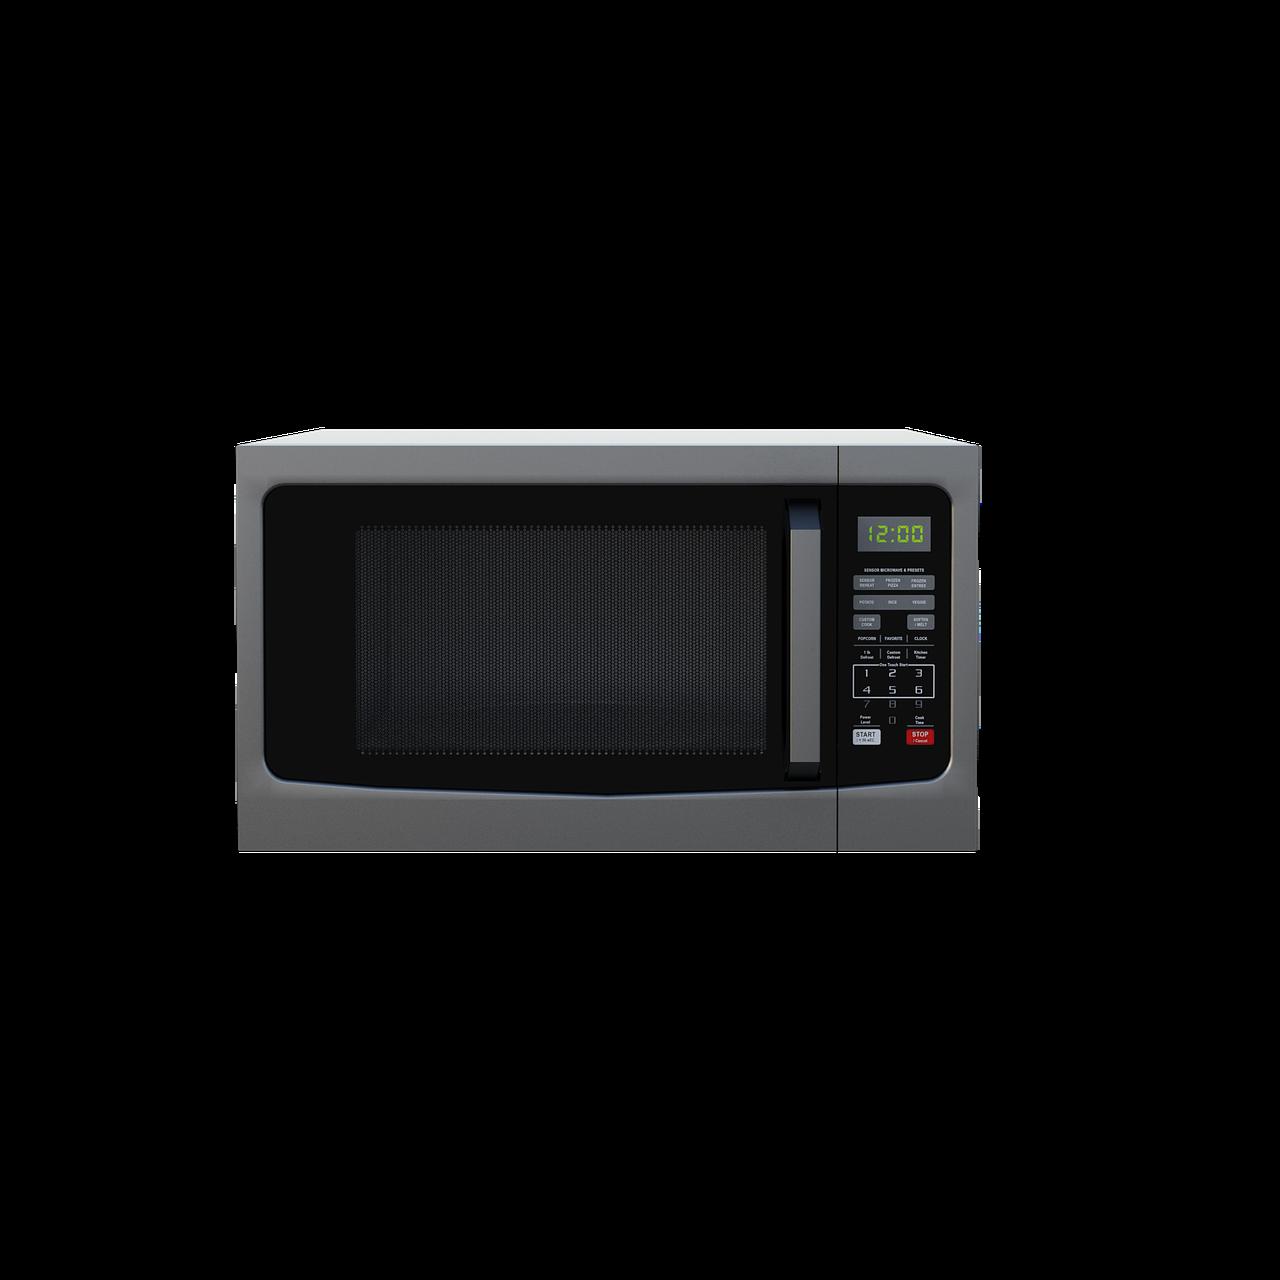 Las ventajas de tener Grill en el microondas según Topmicroondas